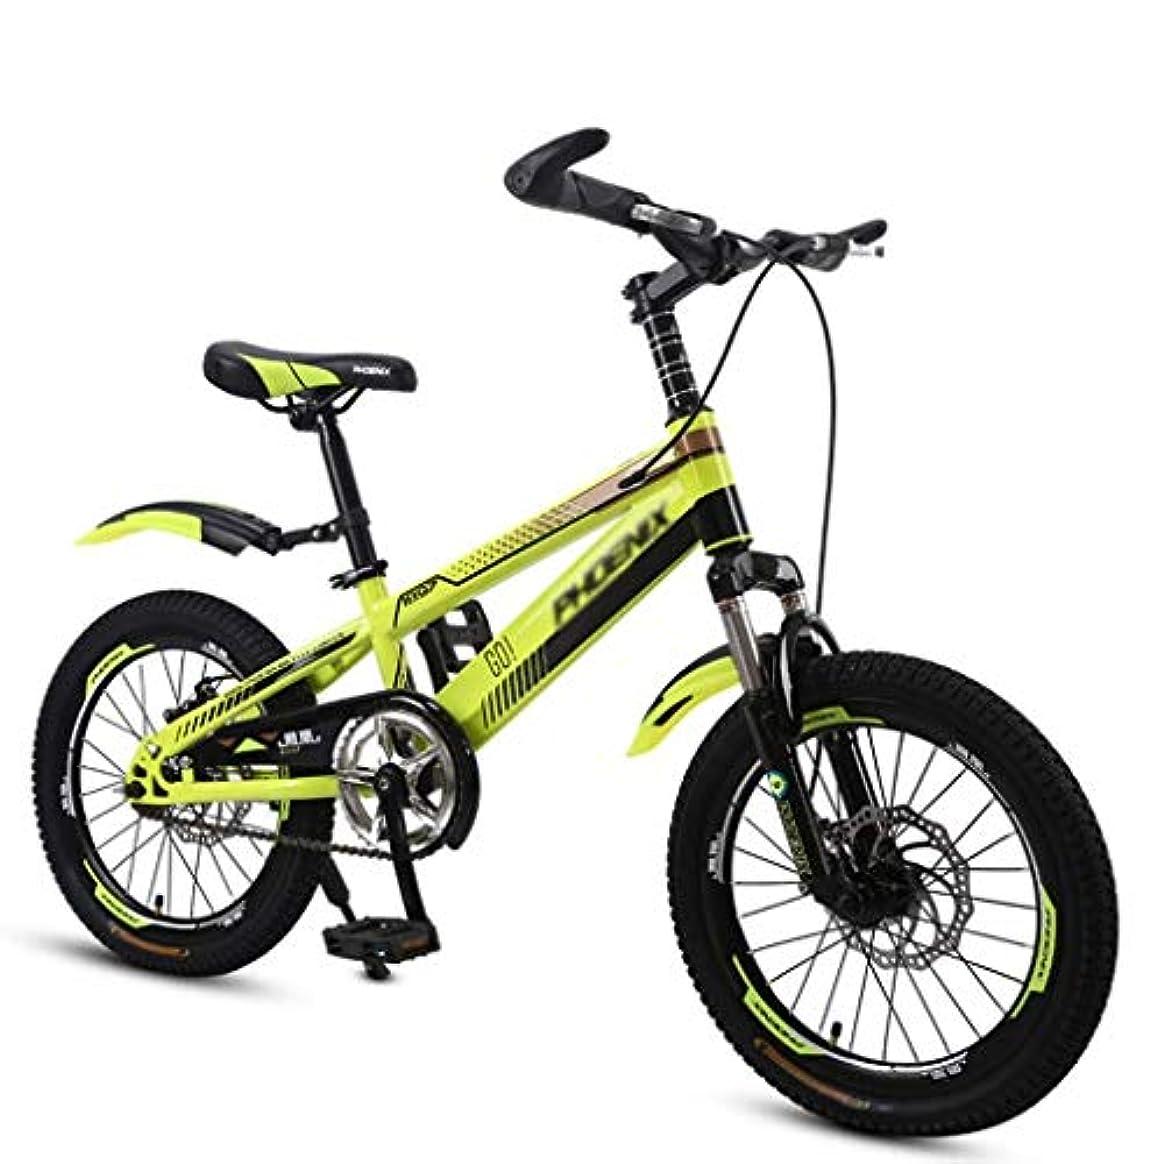 わずかなプロトタイプ疑問に思う自転車男の子自転車18インチ20インチ学生自転車による3?15歳の子供自転車無段変速速度 u200b u200b自転車登山マウンテンバイク旅行自転車